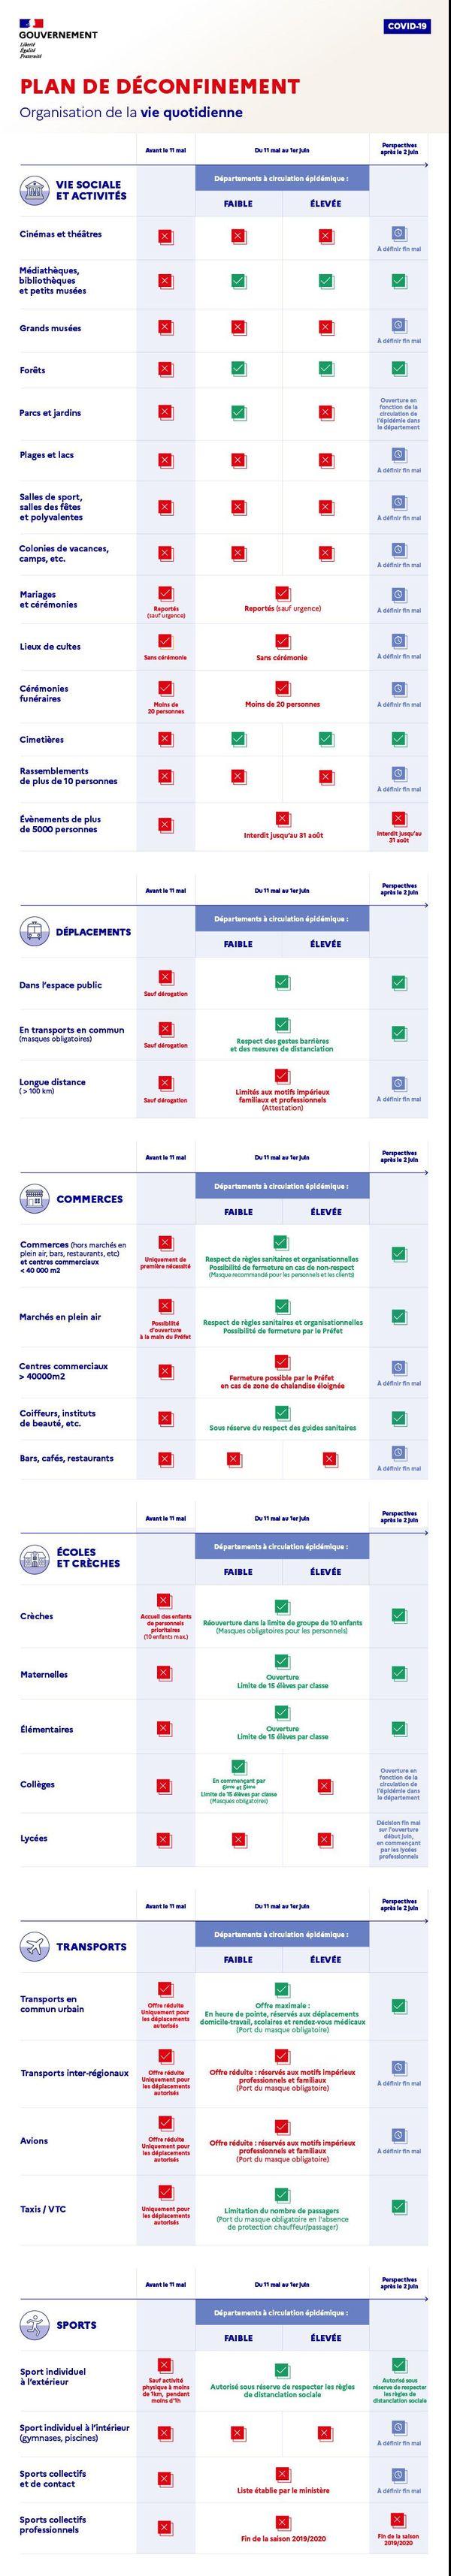 Le plan de déconfinement du Gouvernement reprend par thèmes les différentes étapes